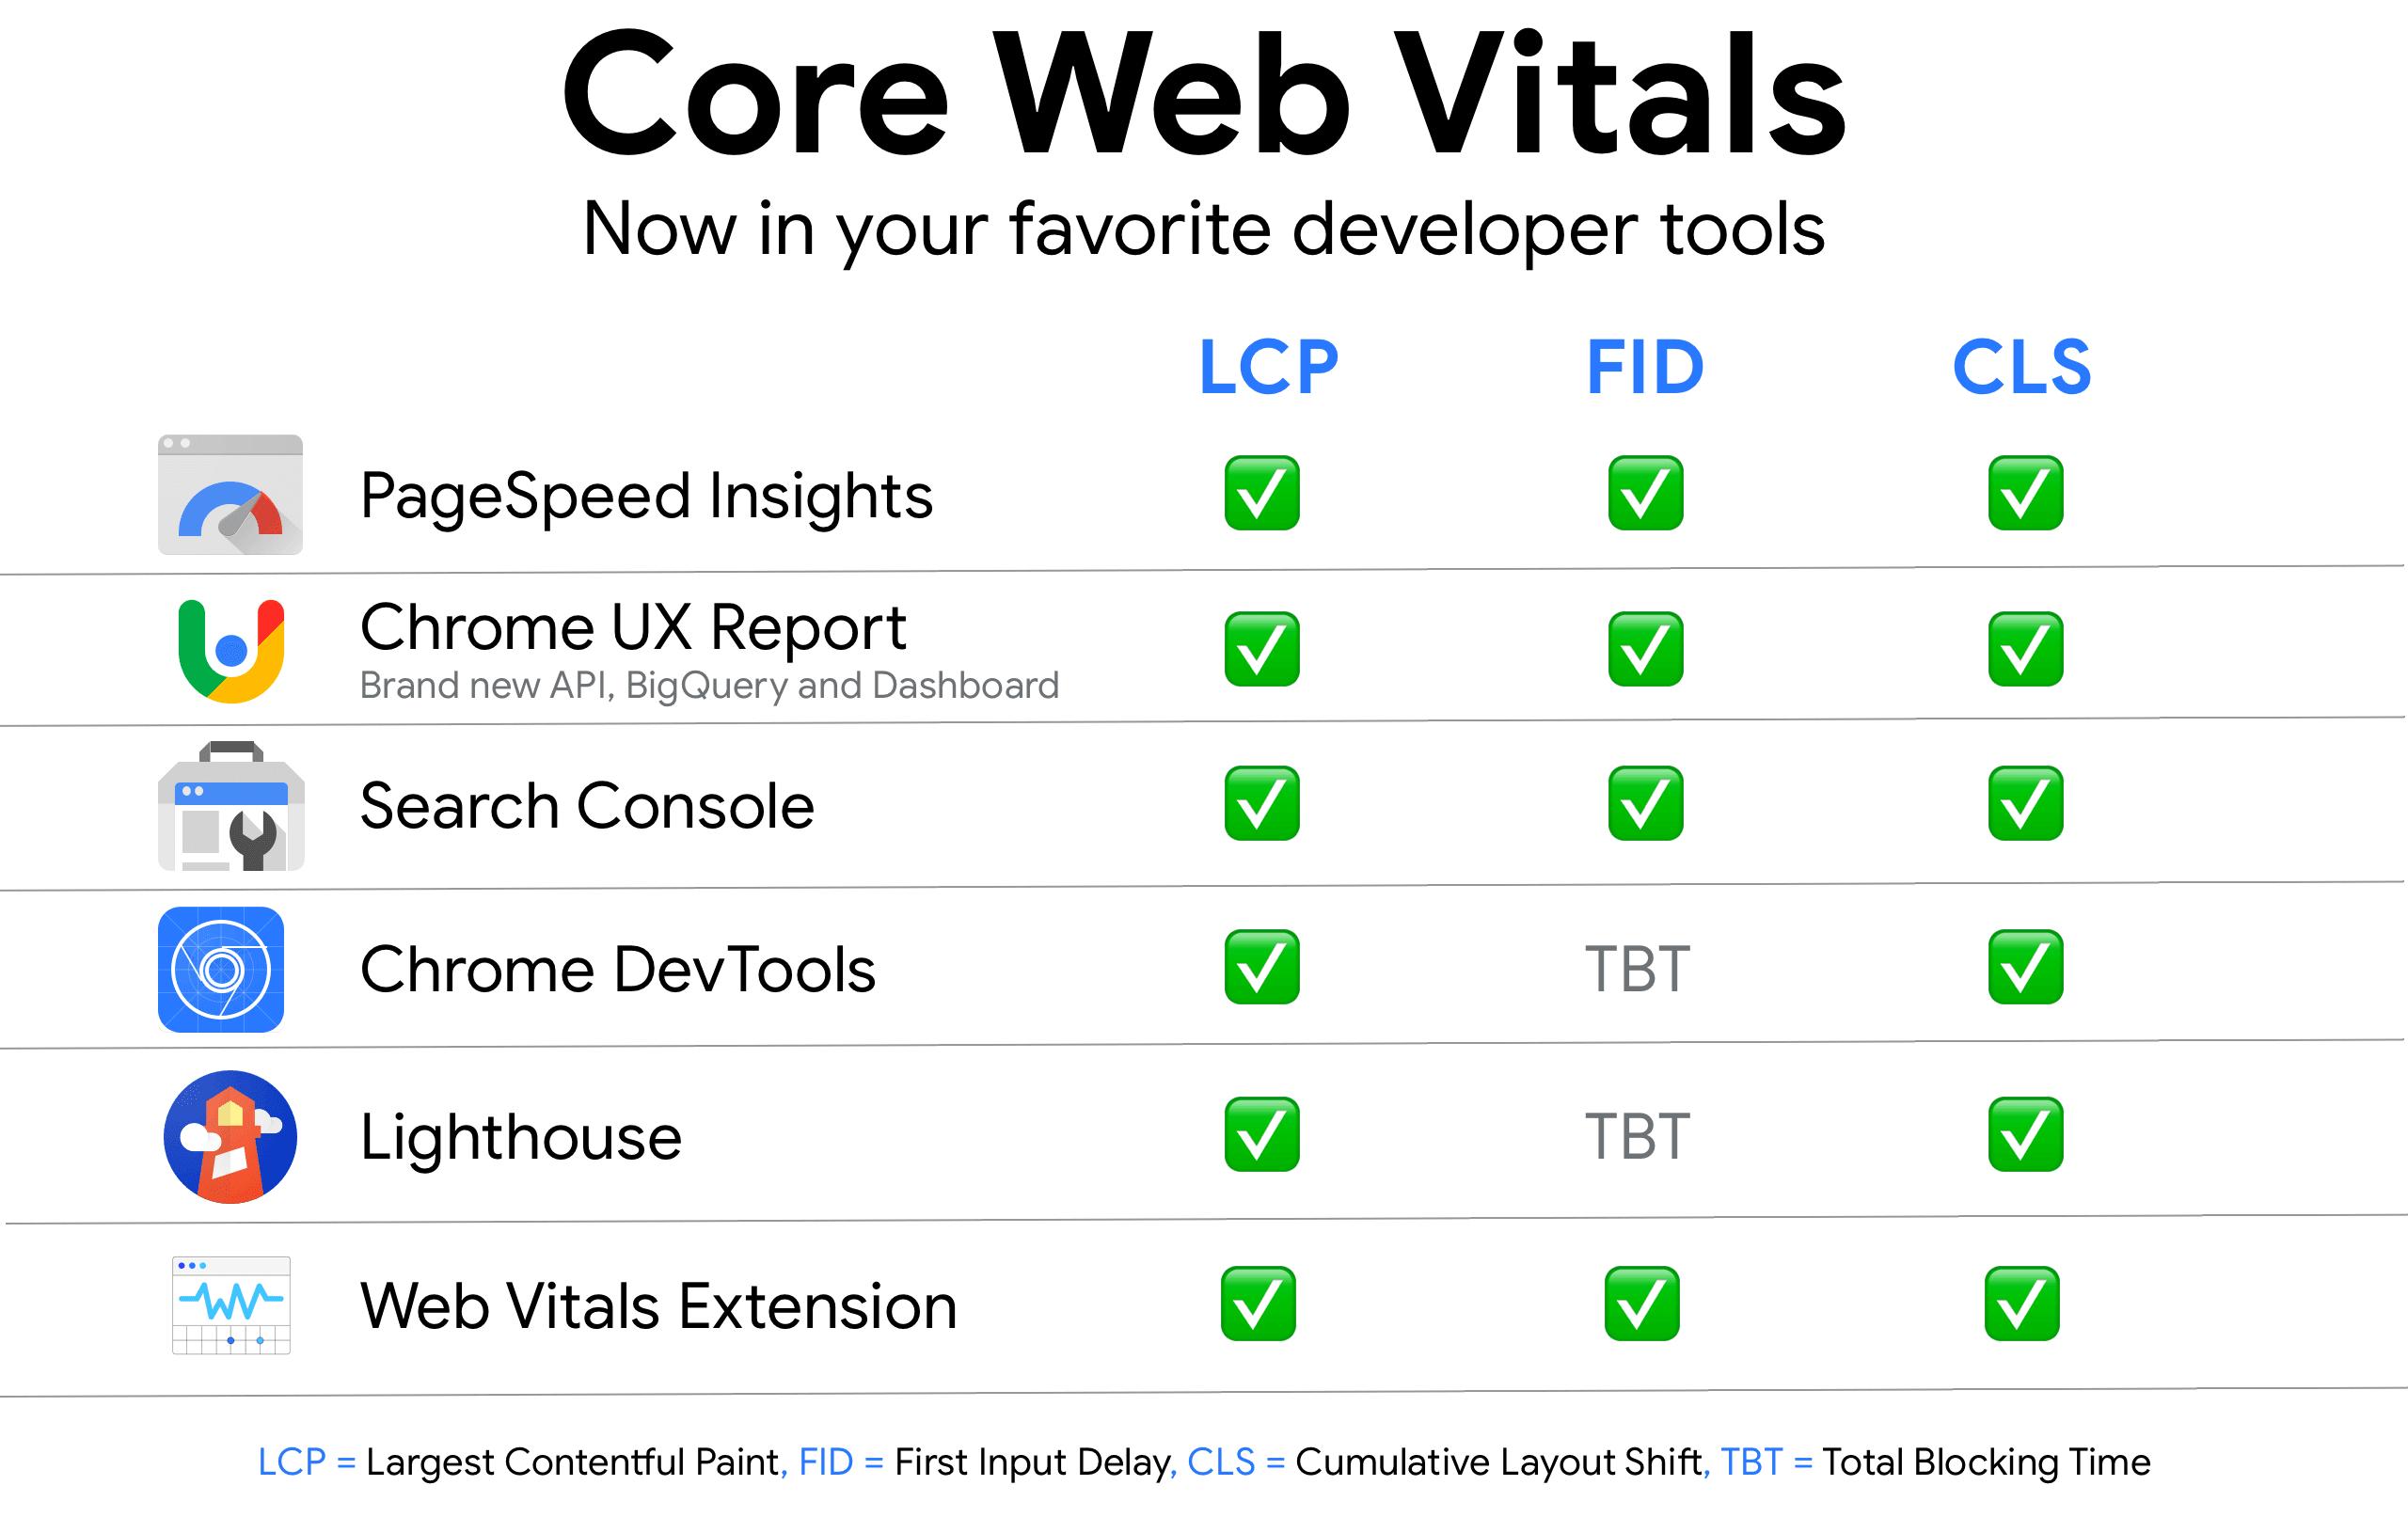 Ferramentas Web Vitals